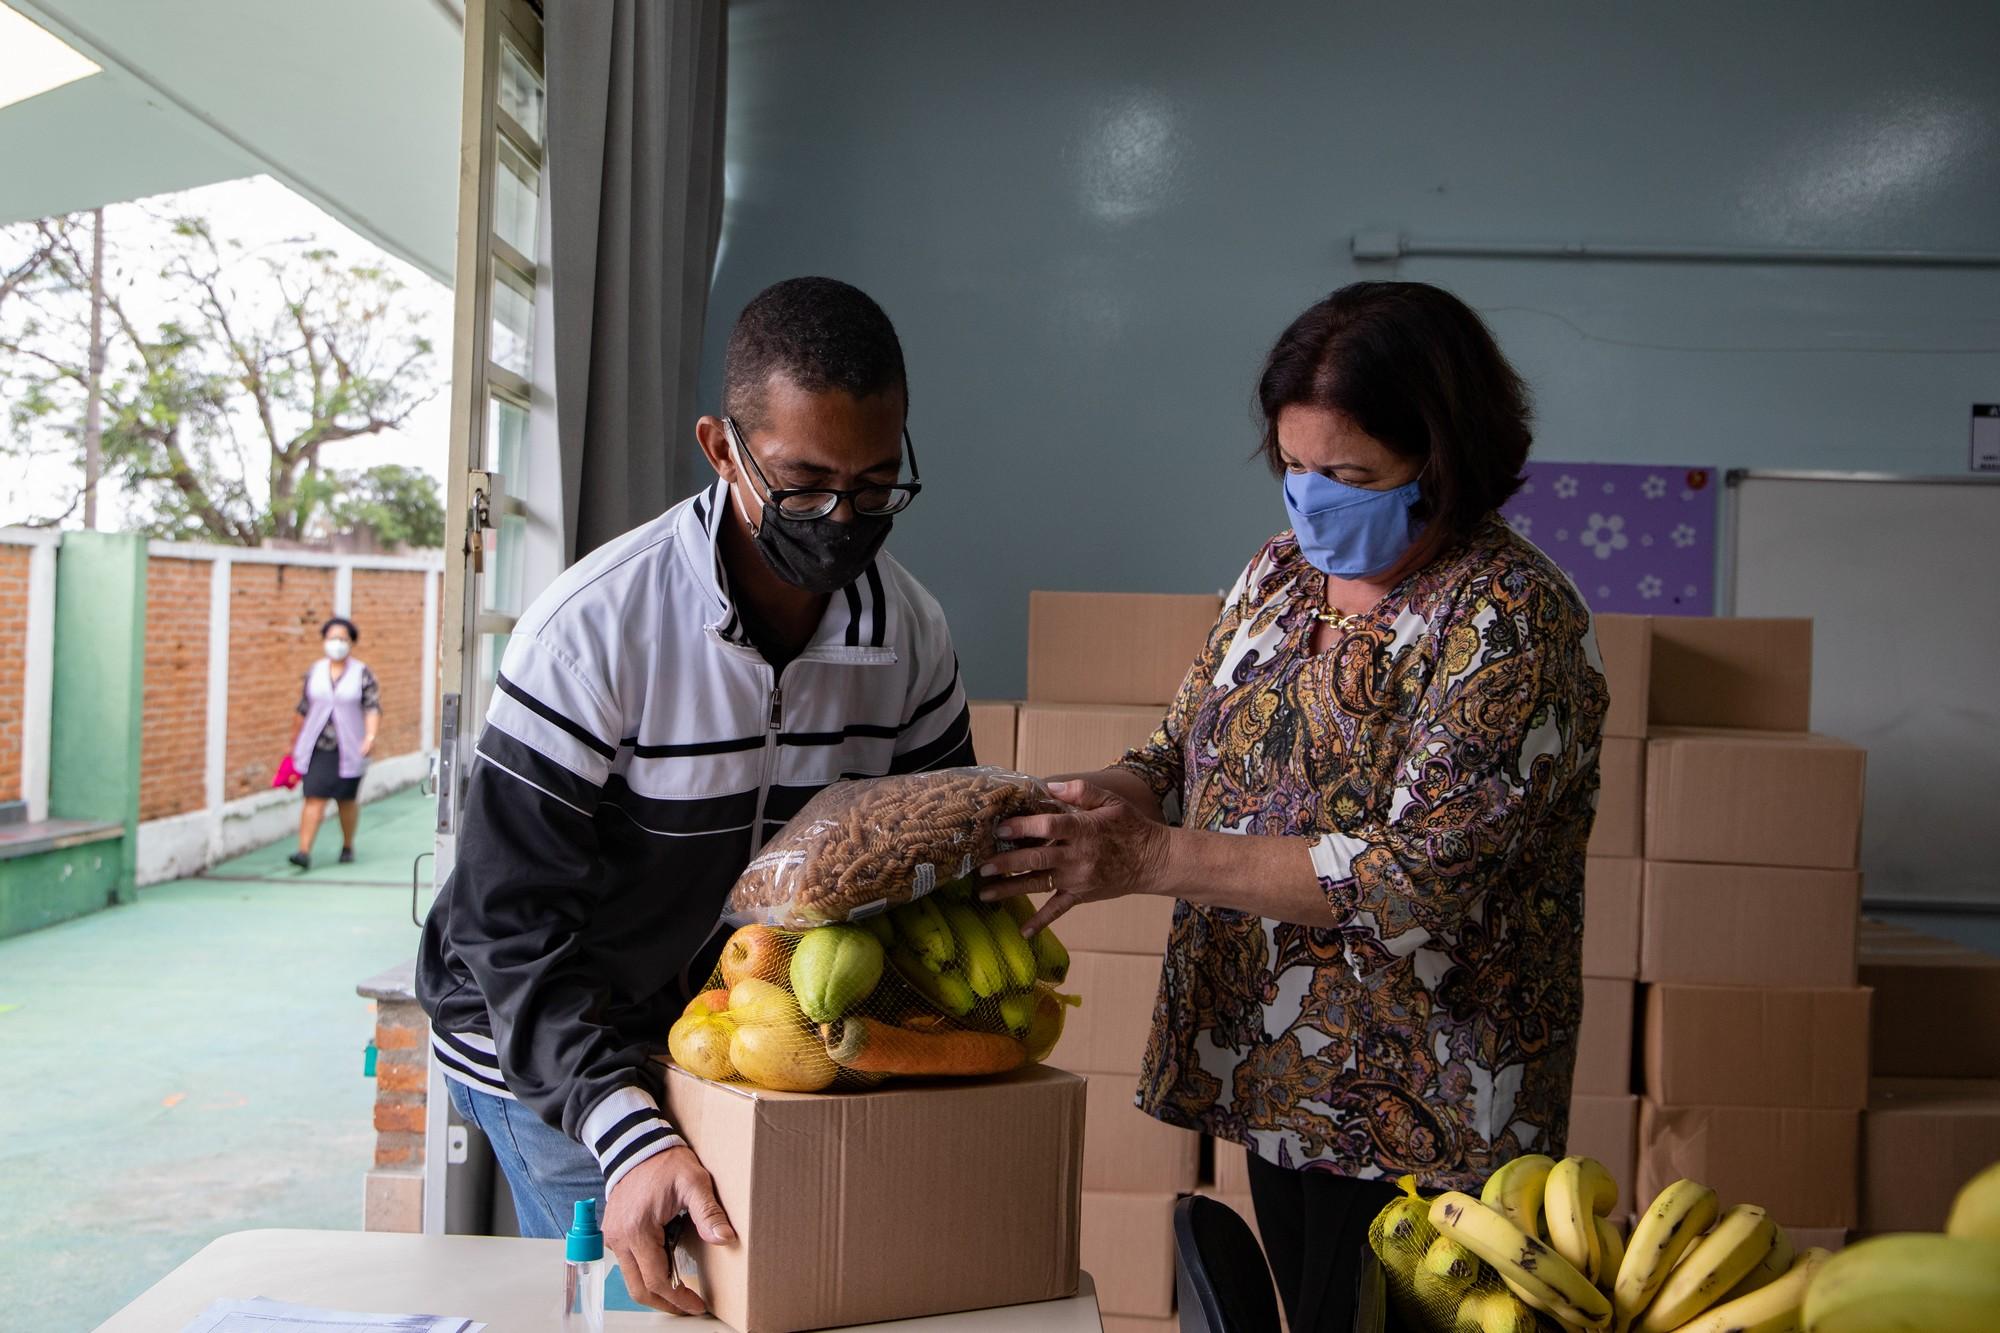 Com ritmo lento, prefeitura promete entregar 1 milhão de cestas saudáveis para estudantes